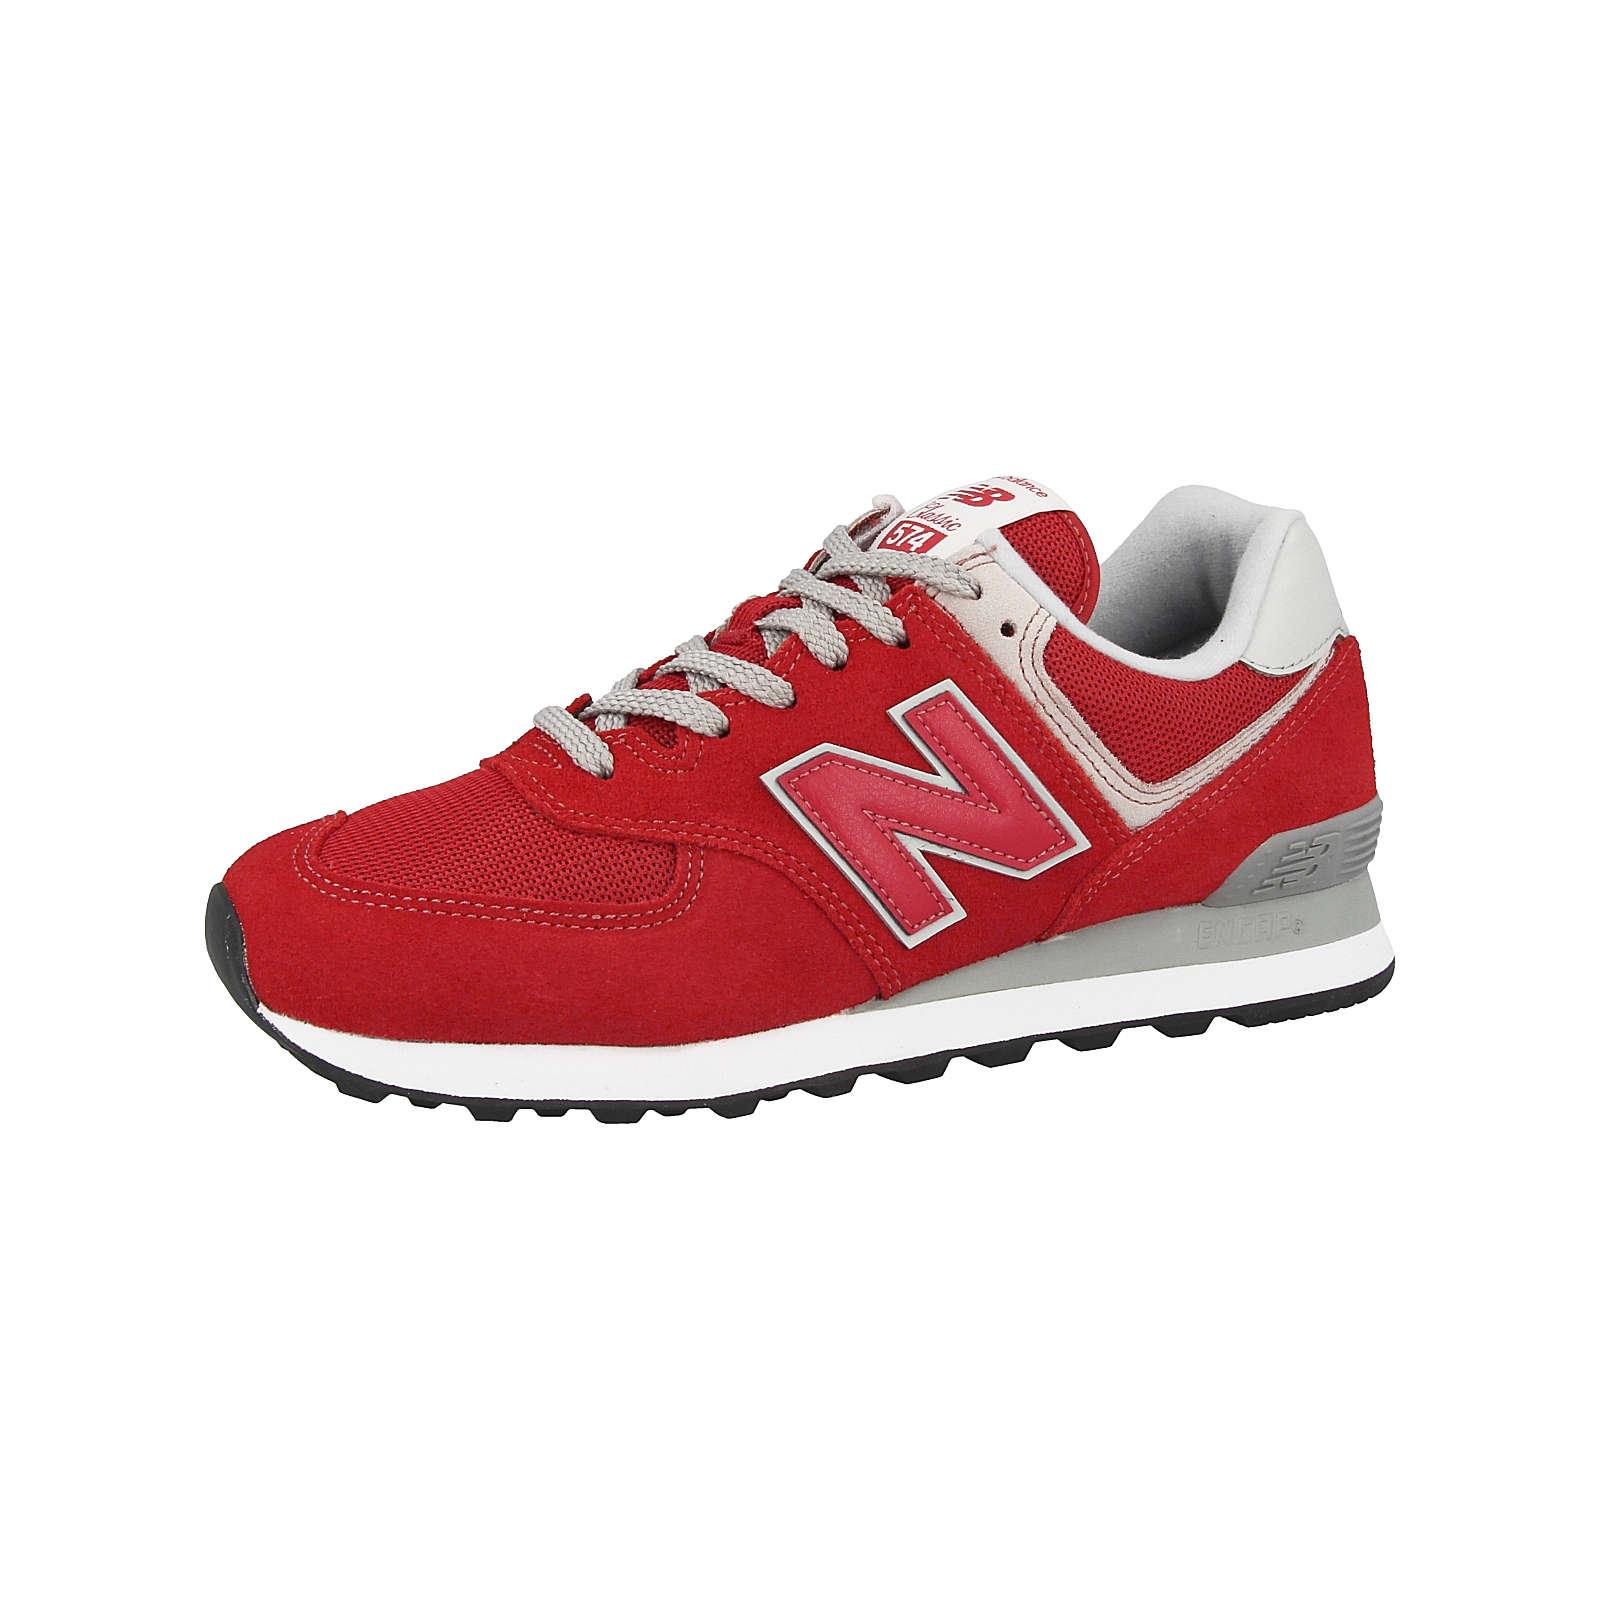 new balance Sneakers Low rot Herren Gr. 44